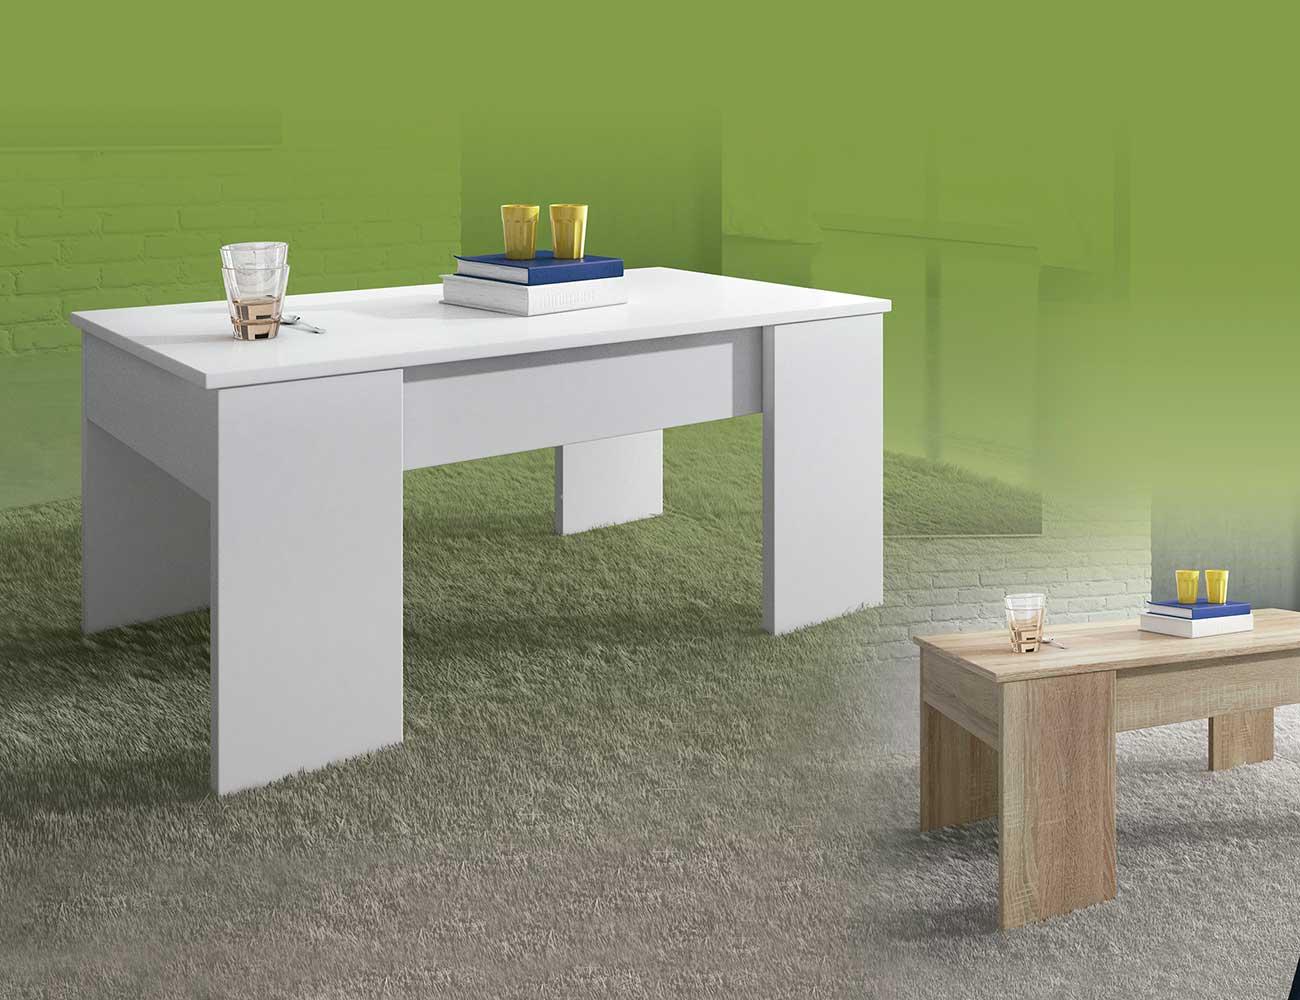 Factory del mueble utrera el mejor precio en muebles y for Factory del mueble sevilla